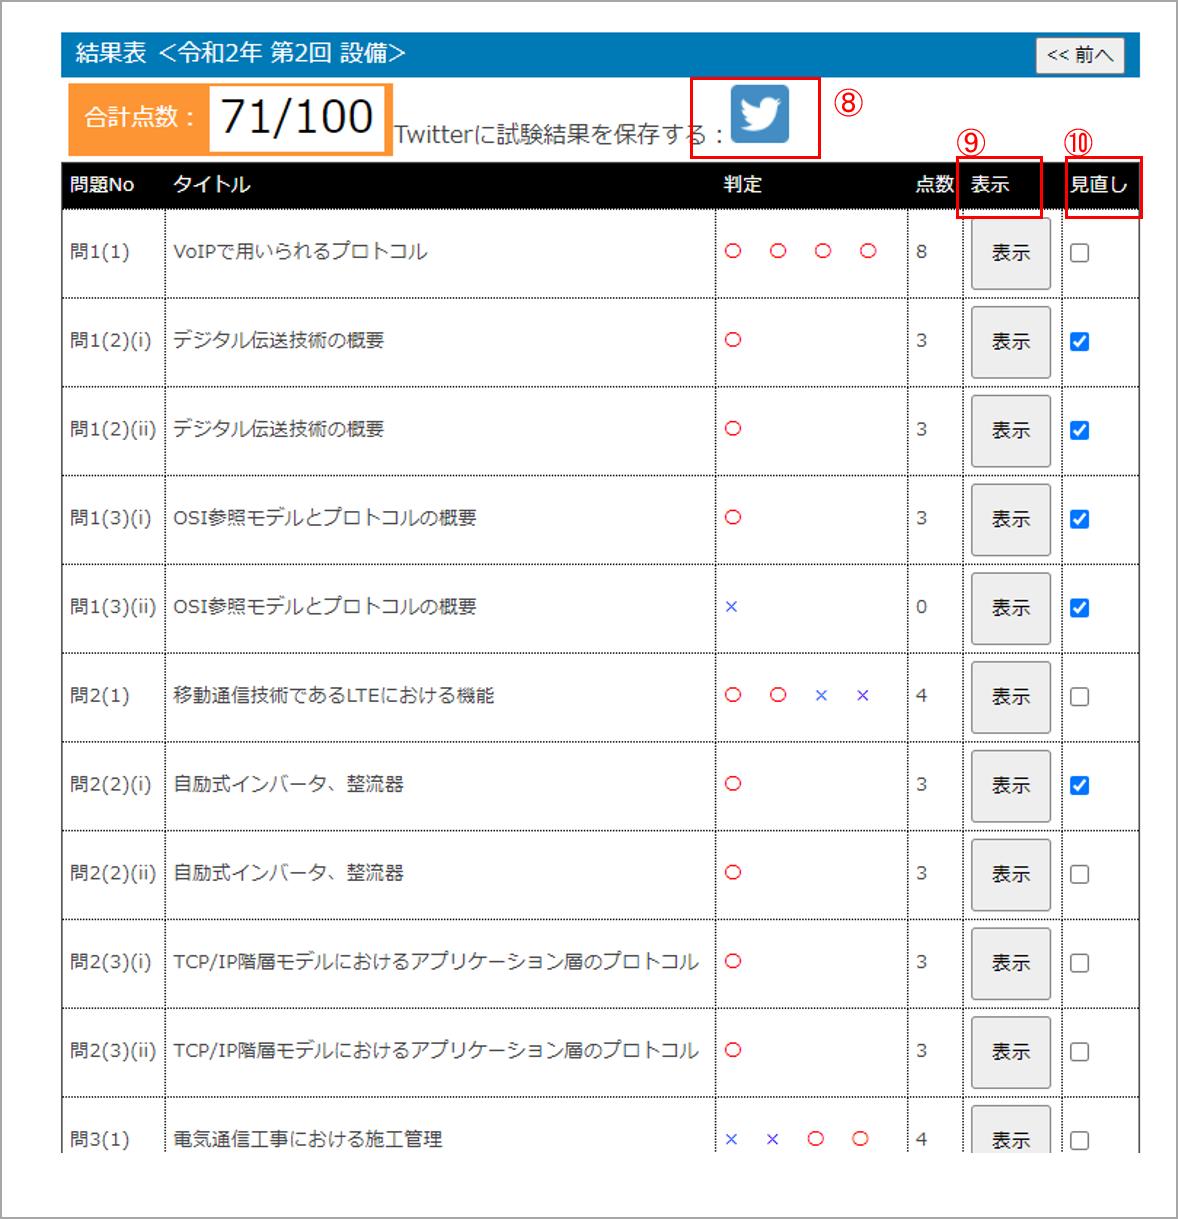 web_app_result.png